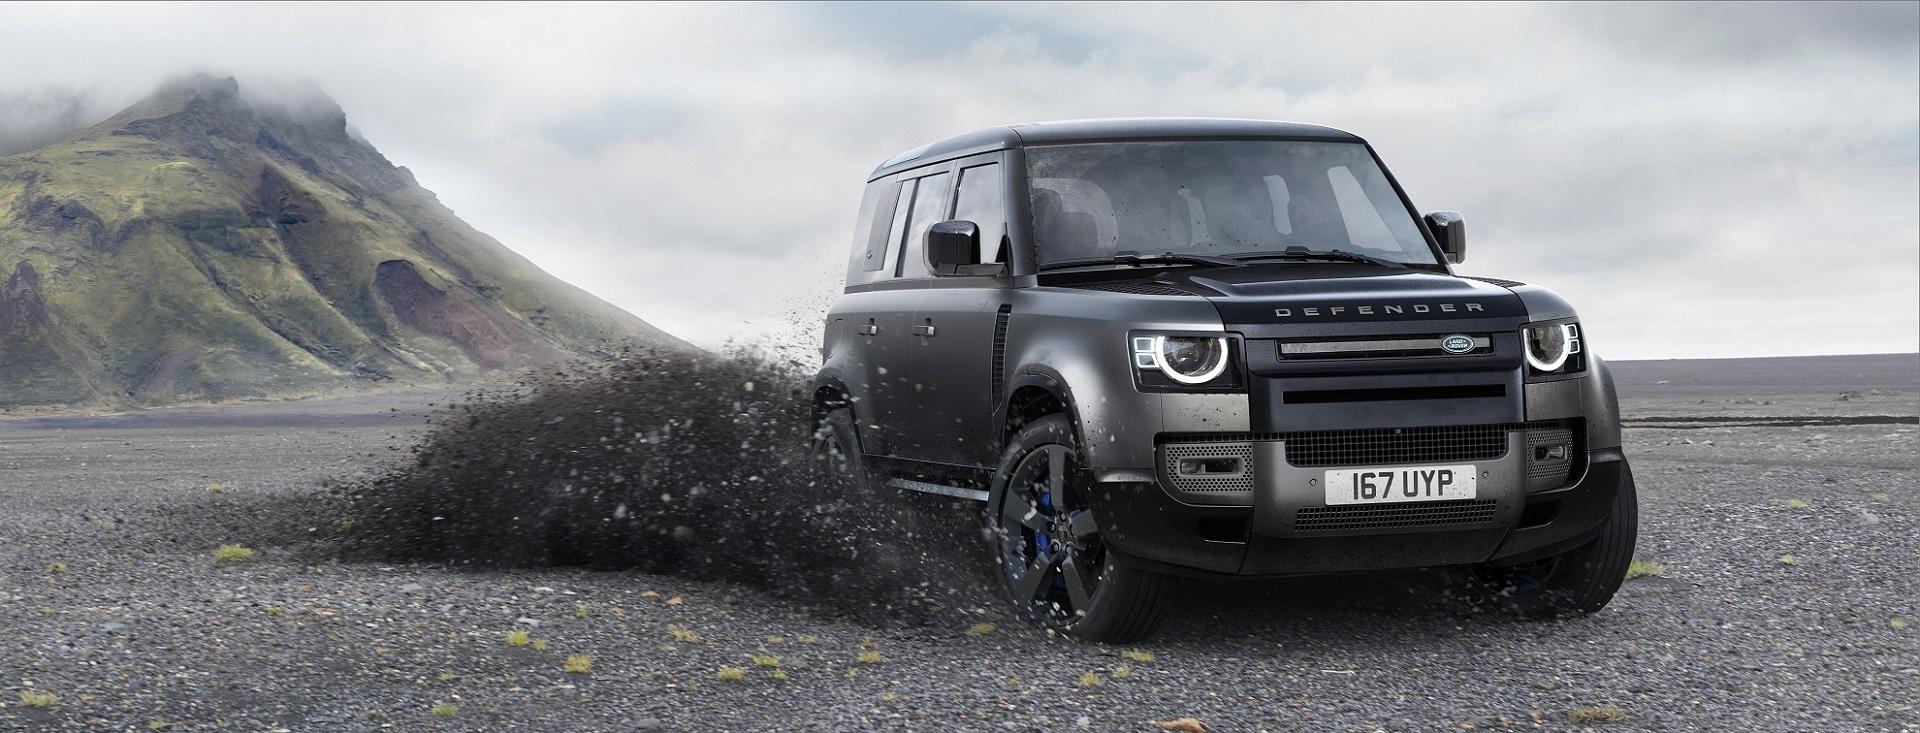 Versão de topo, Defender V8 Carpathian vem com detalhes em preto, adesivos exclusivos e o que a Land Rover definiu como